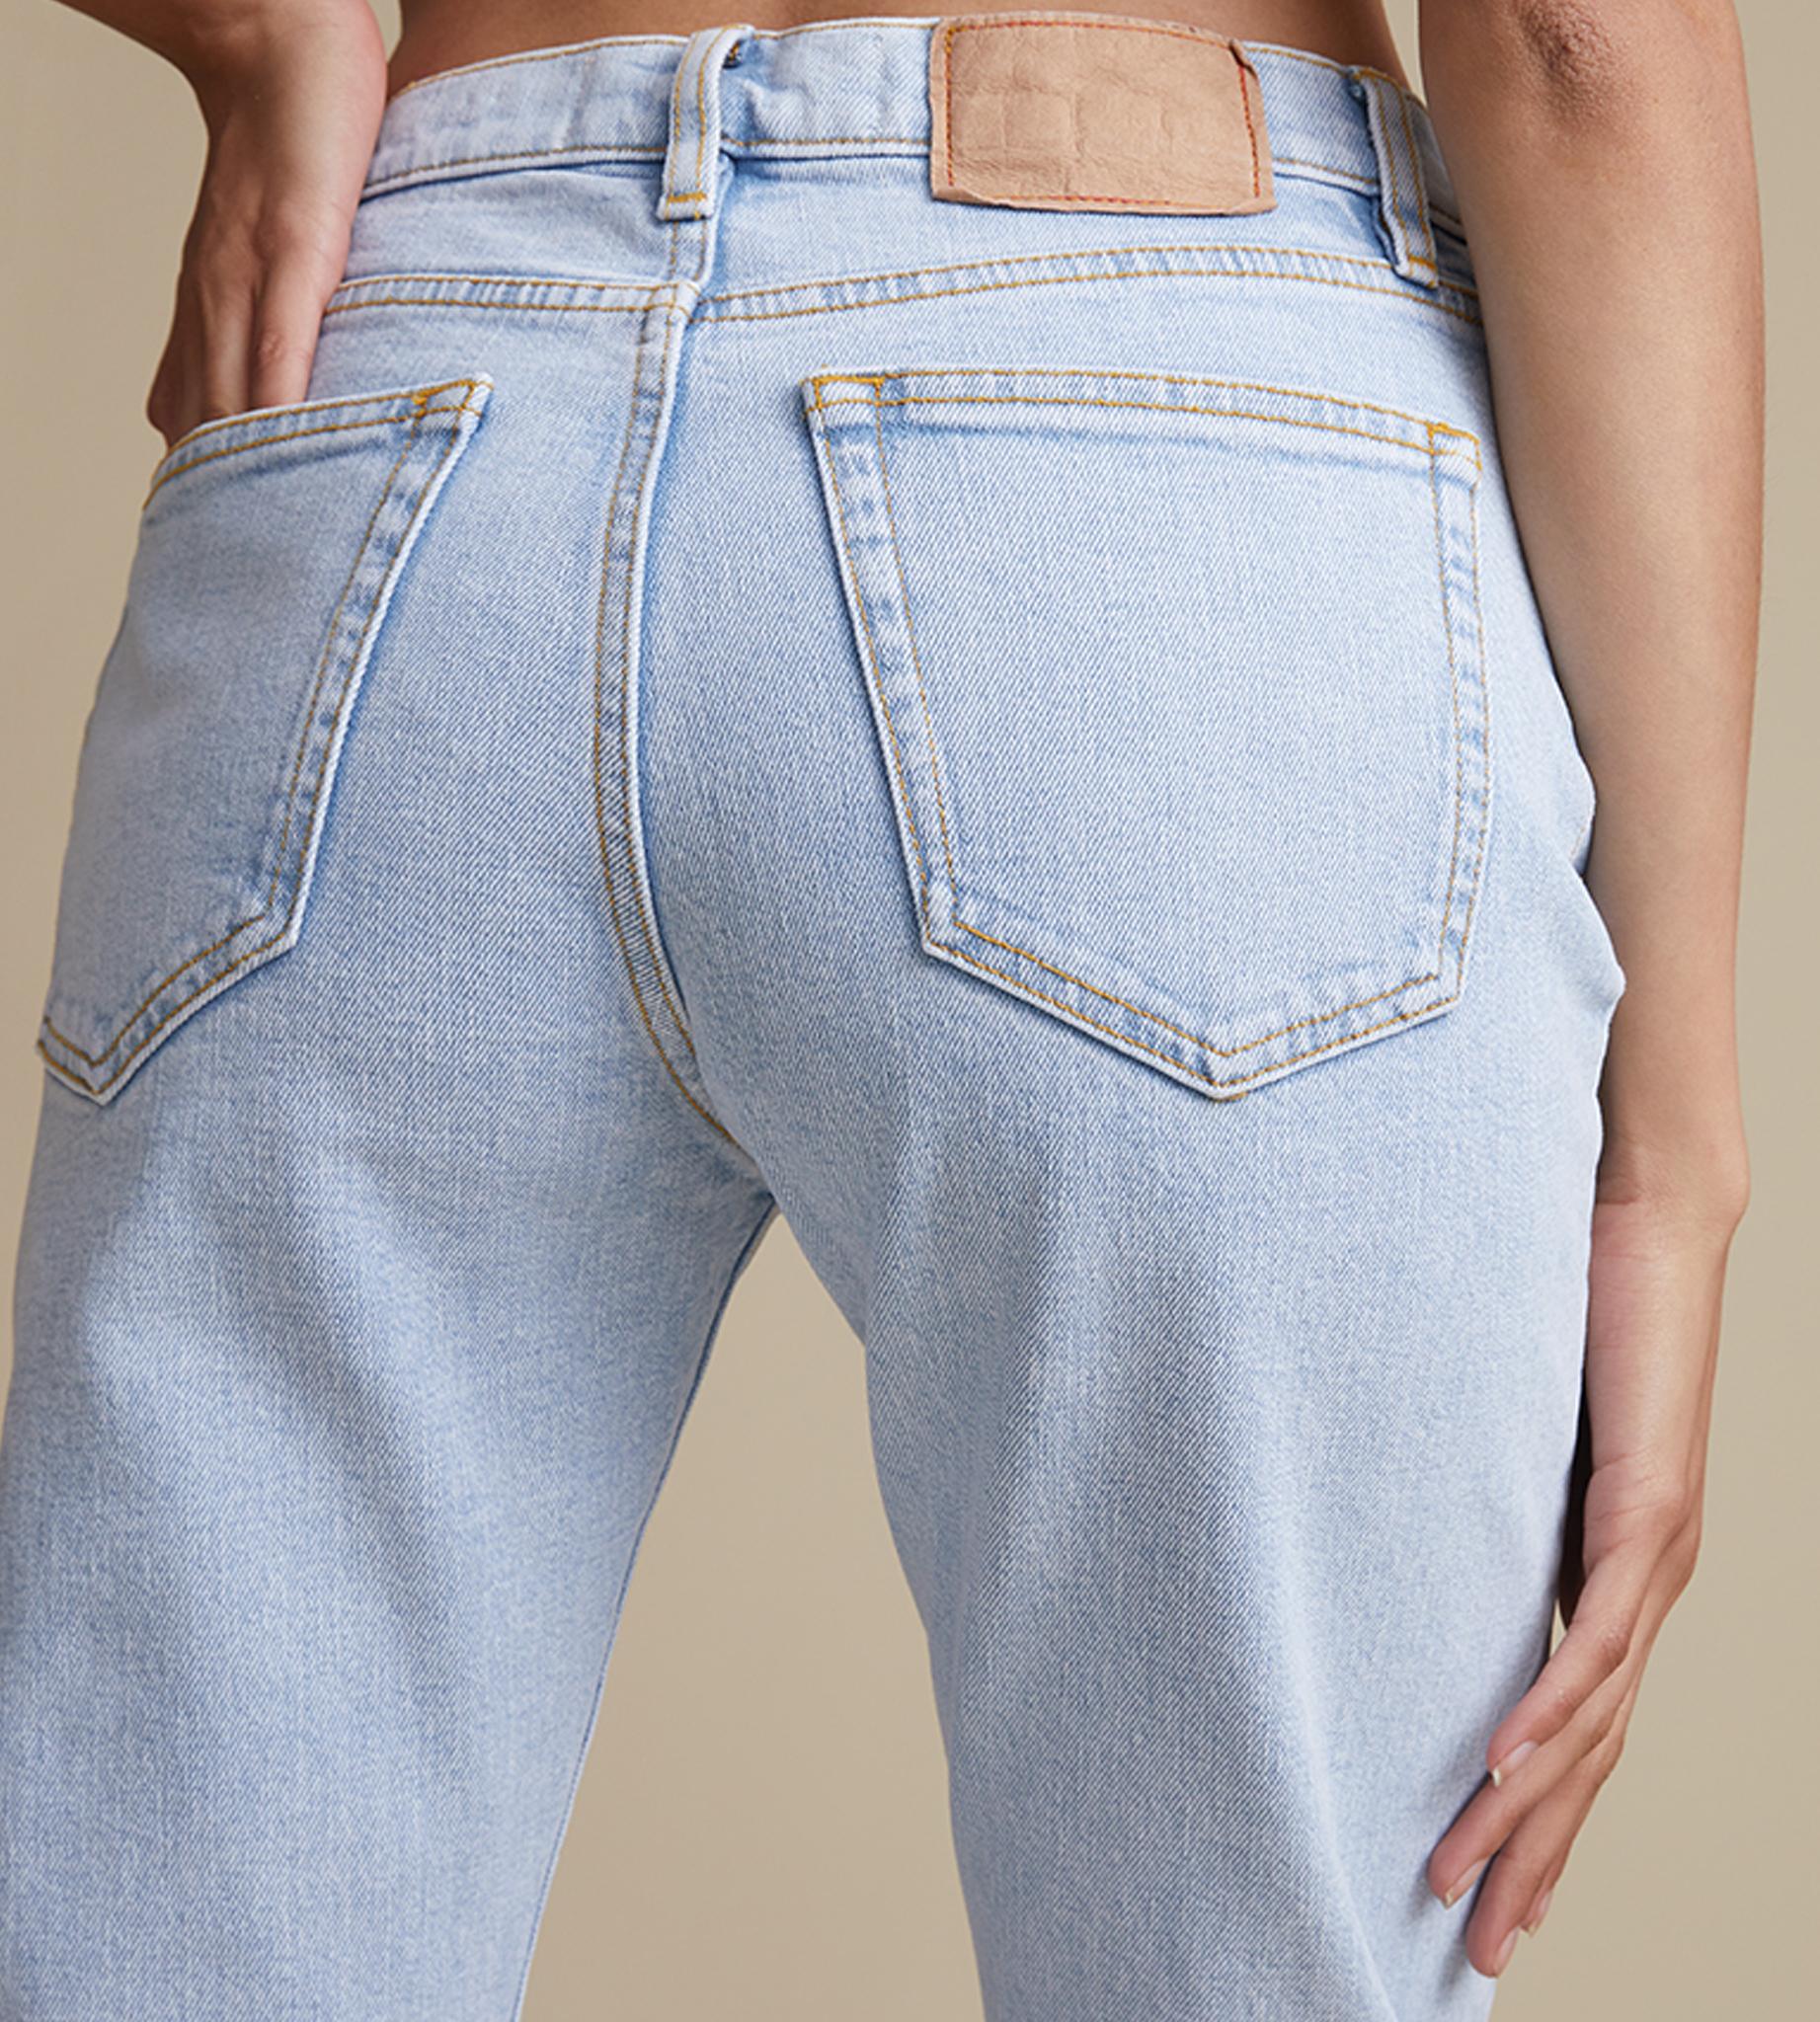 Jeanerica-Classic-5-Pocket-Jeans-Super-Light-Vintage-4